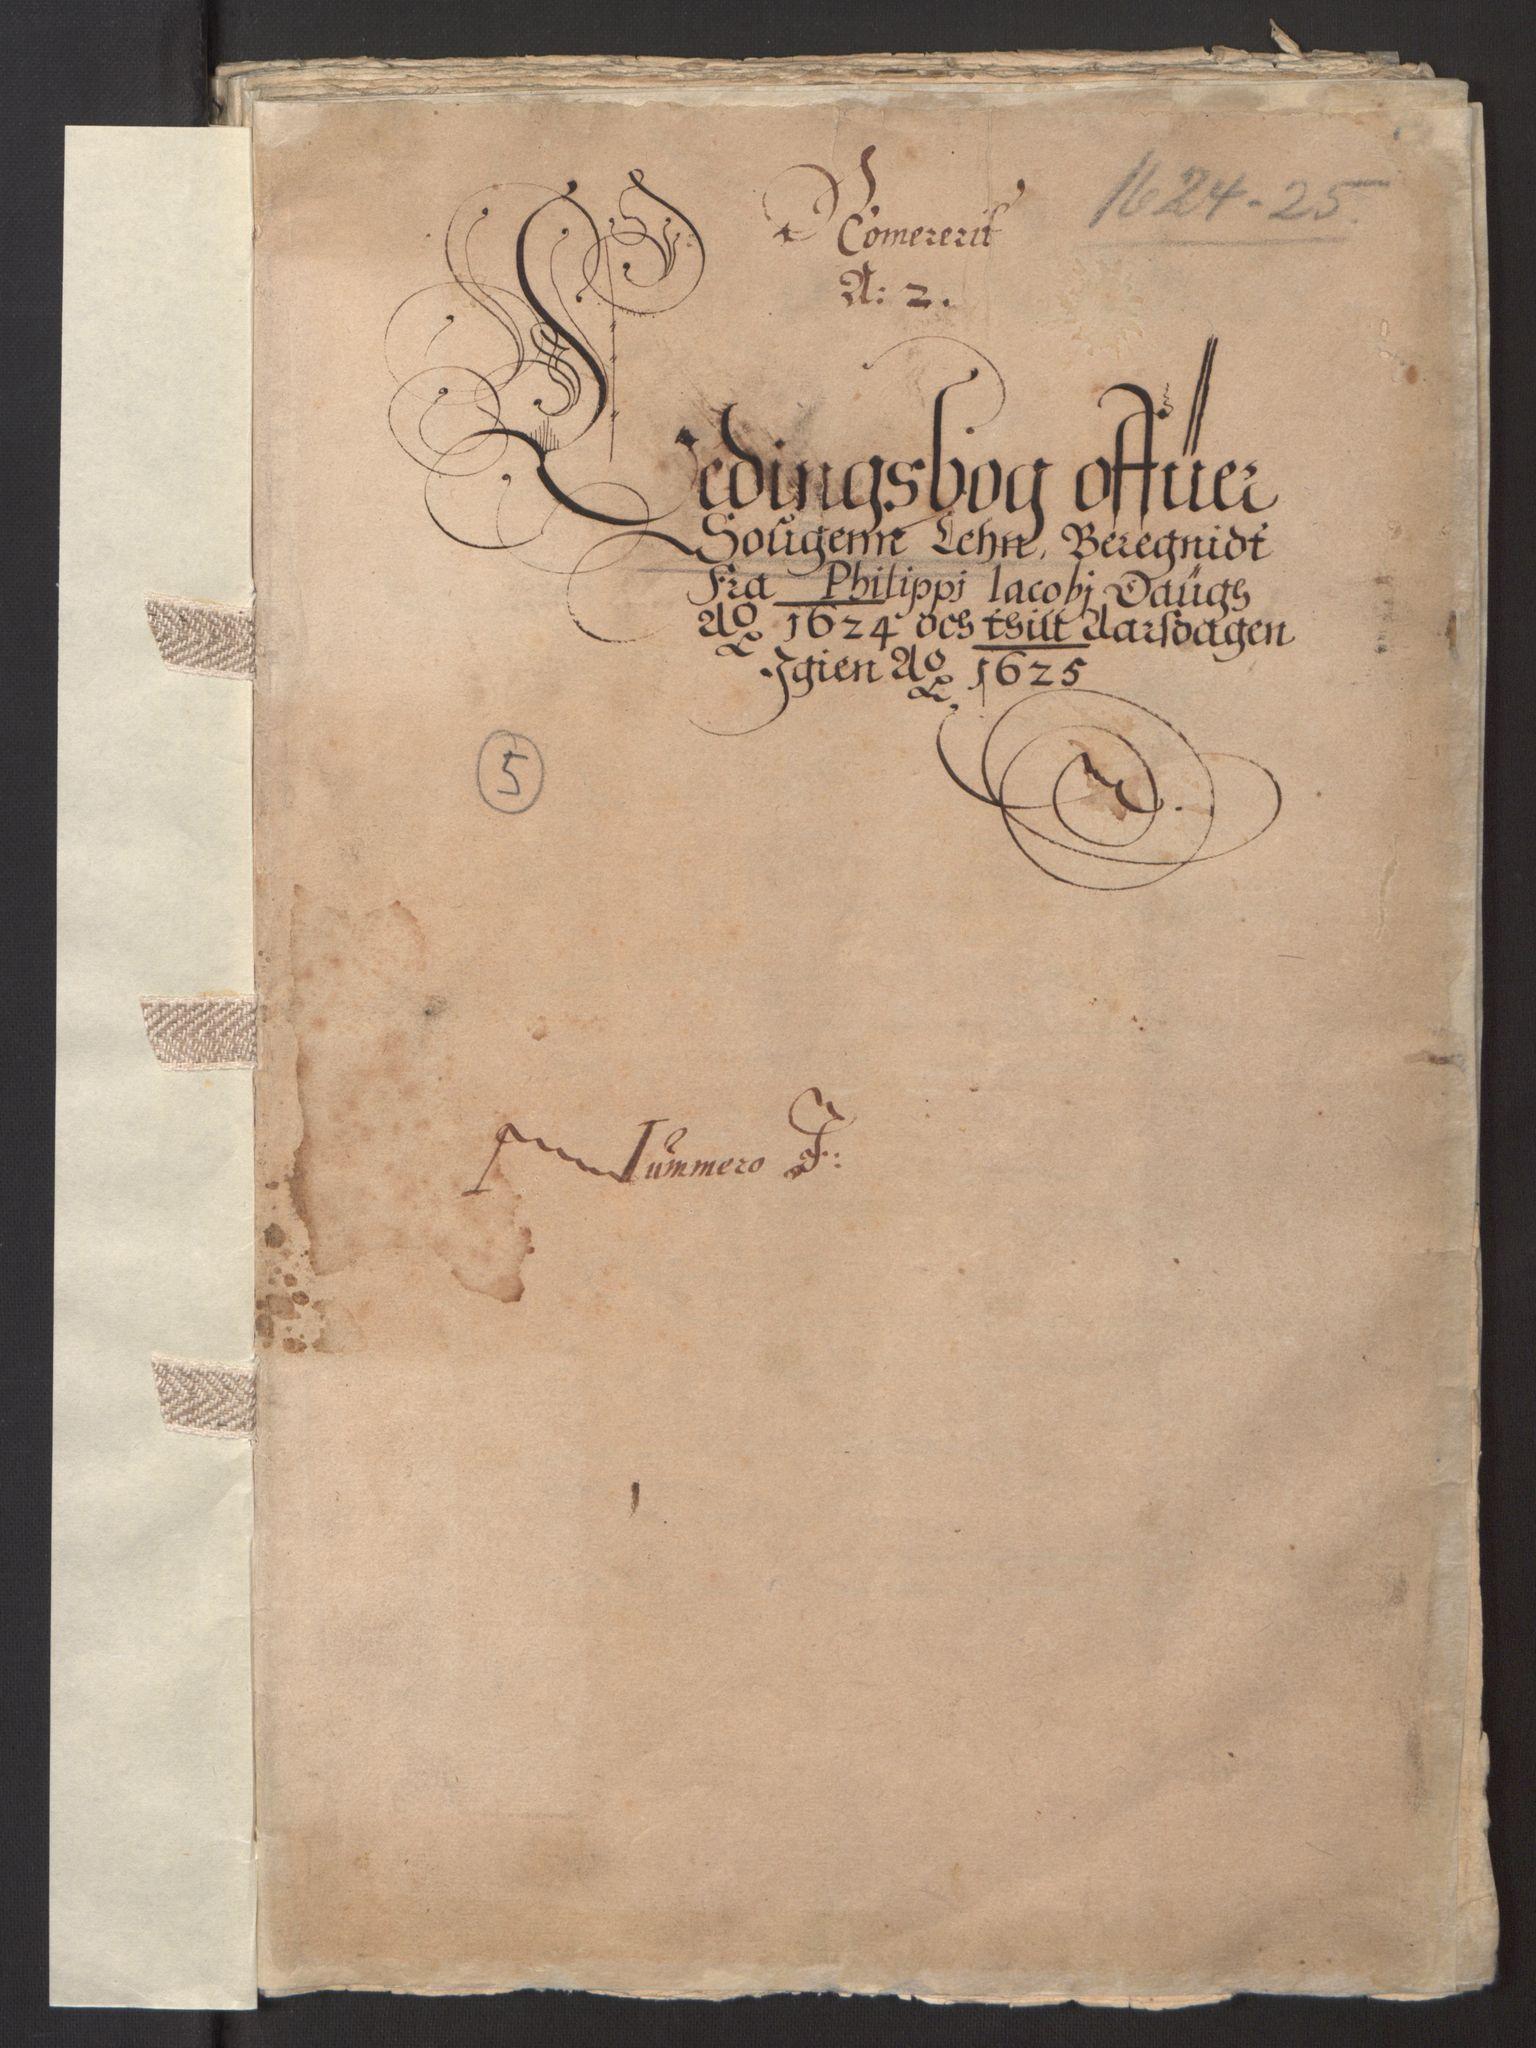 RA, Stattholderembetet 1572-1771, Ek/L0003: Jordebøker til utlikning av garnisonsskatt 1624-1626:, 1624-1625, s. 116